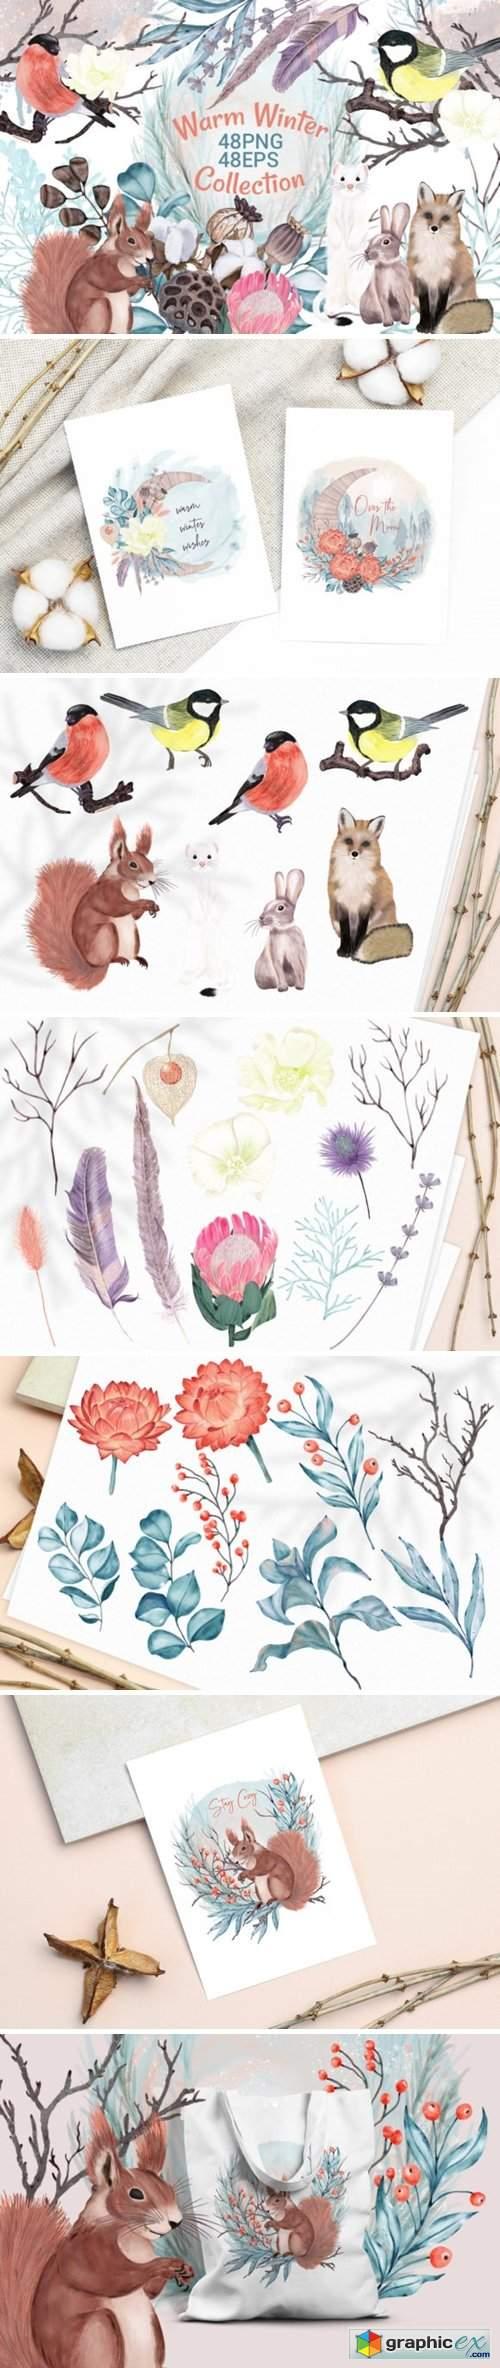 Winter Flowers, Animals, Birds Forest